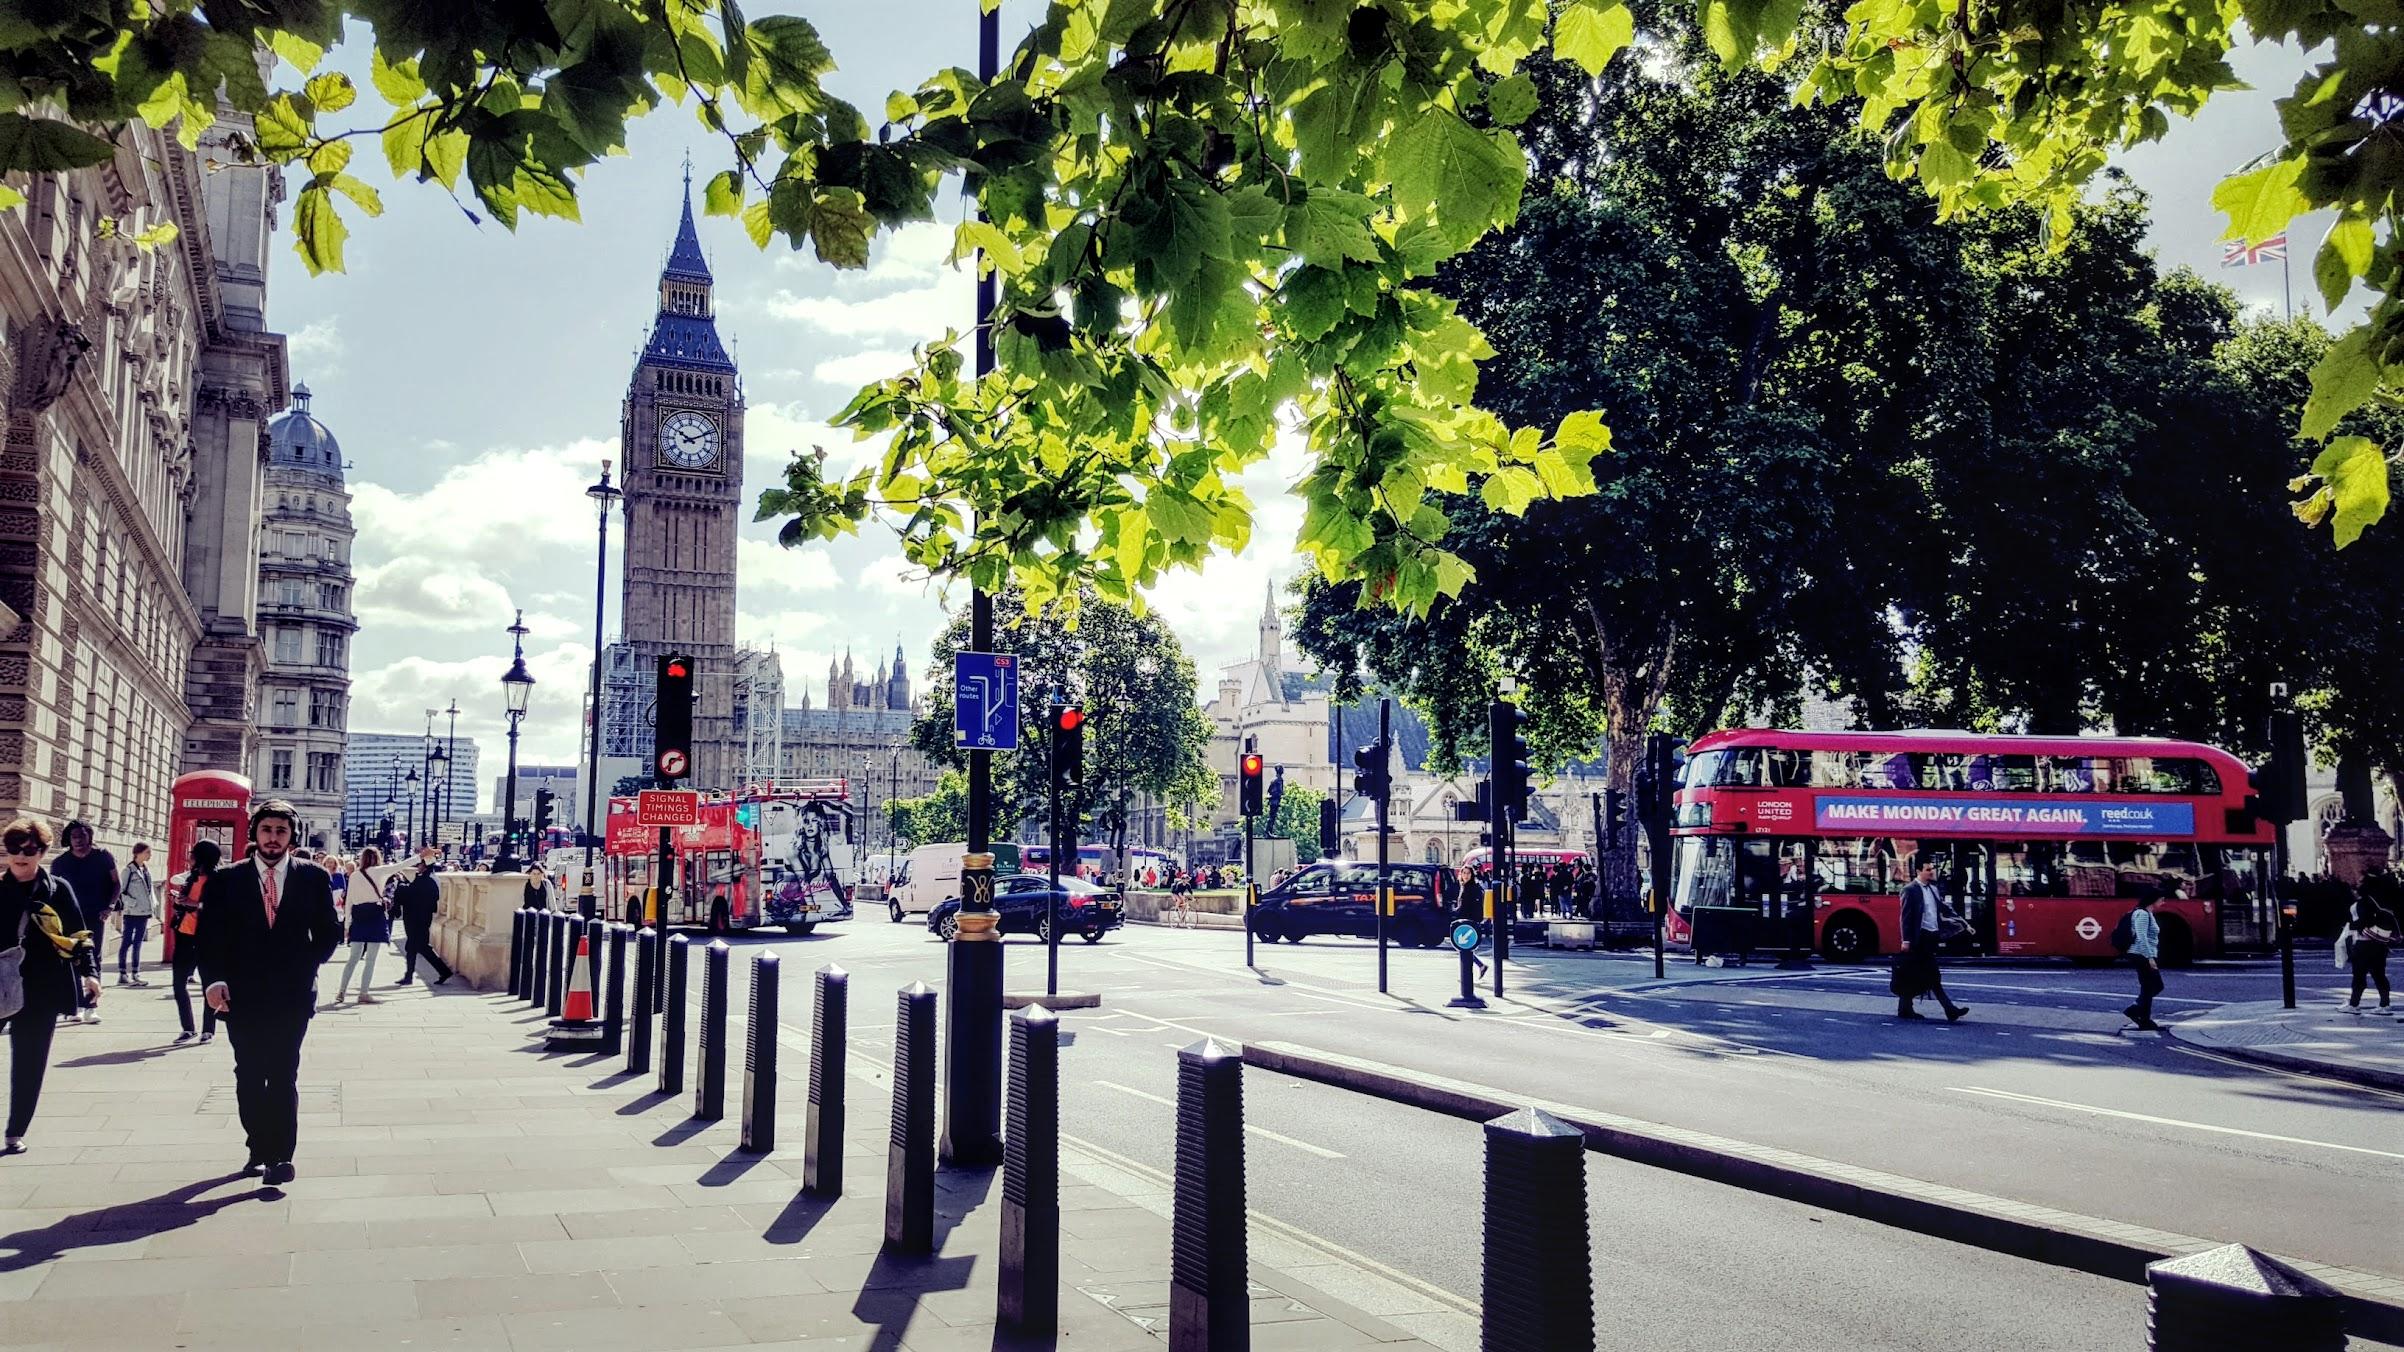 Londra gezi rehberi, çocukla seyahat, gezgin terzi